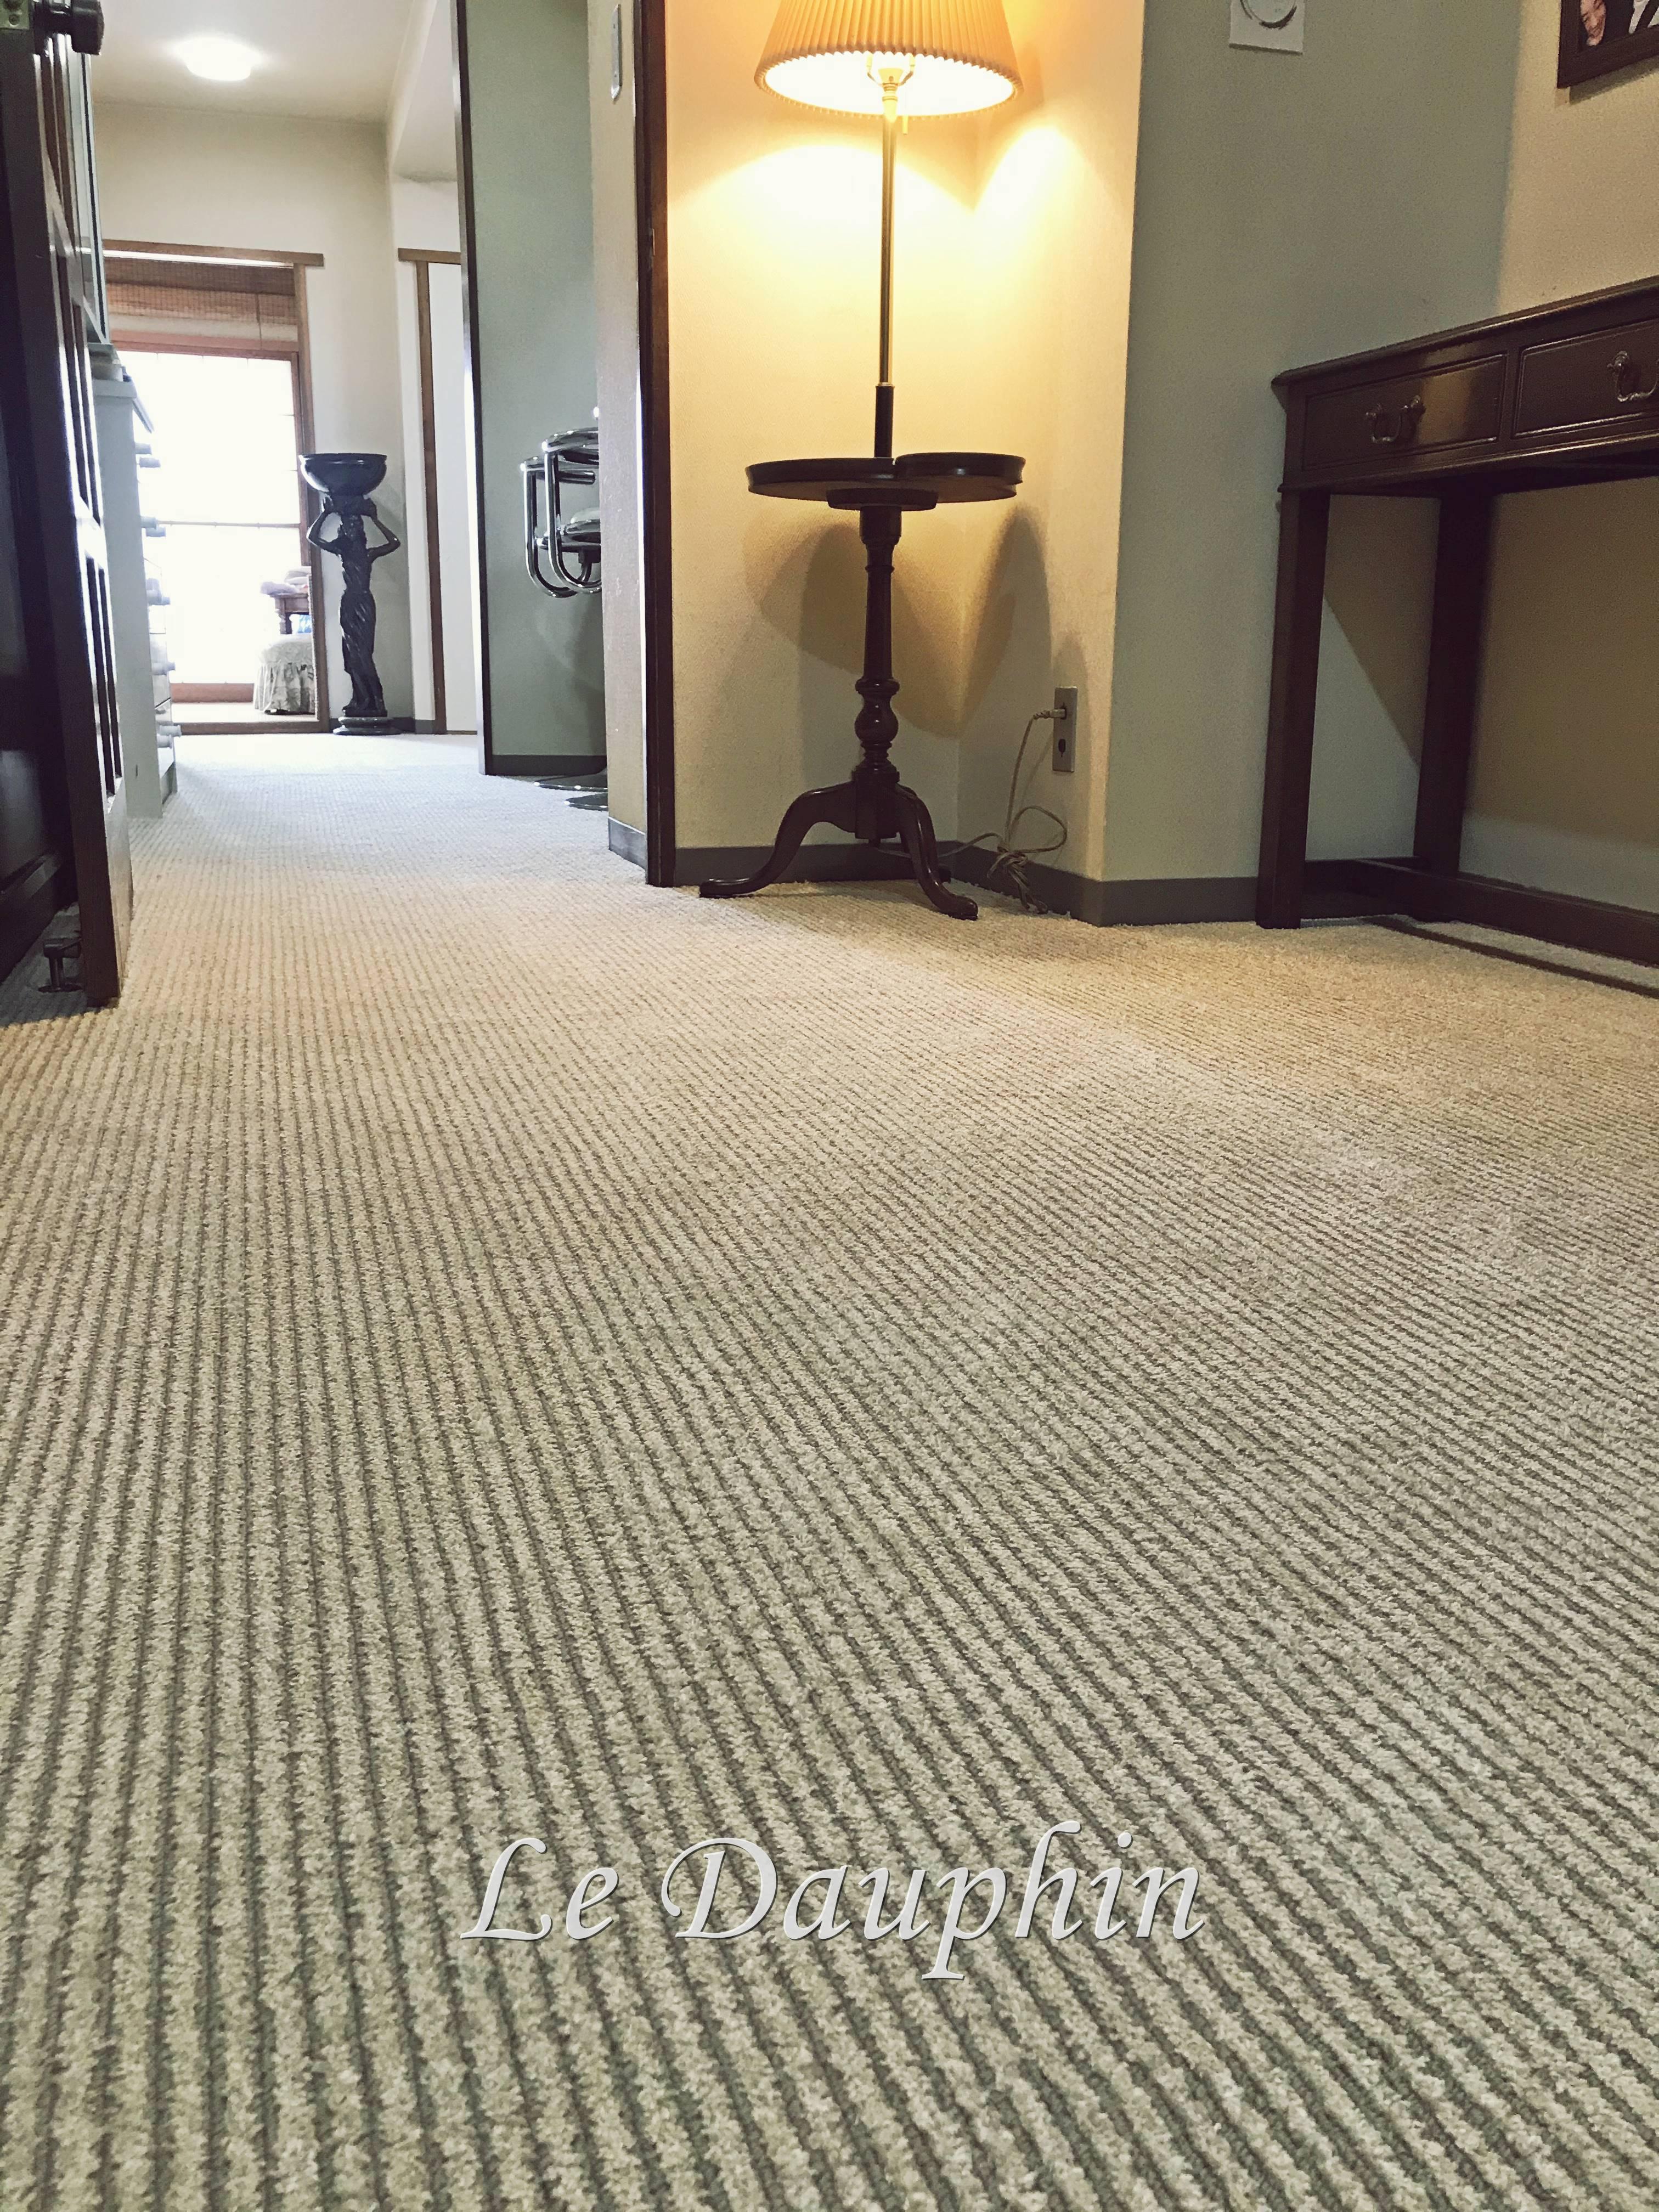 ▲カーペット張替え完成の様子